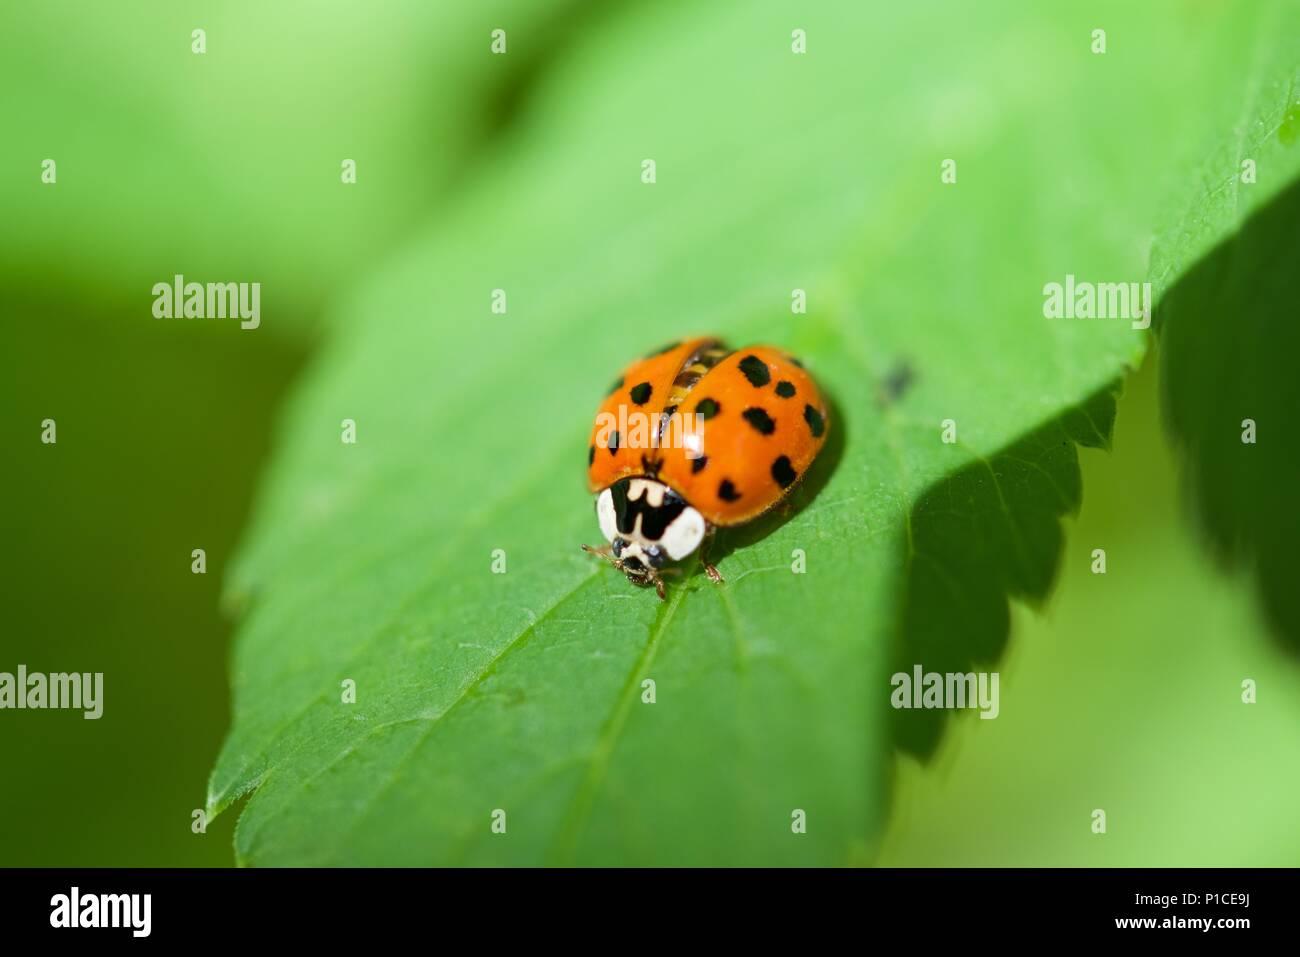 Ladybird (Coccinellidae): gros plan d'une Coccinelle, coccinelle, ou sur une feuille avec des bords dentelés Photo Stock